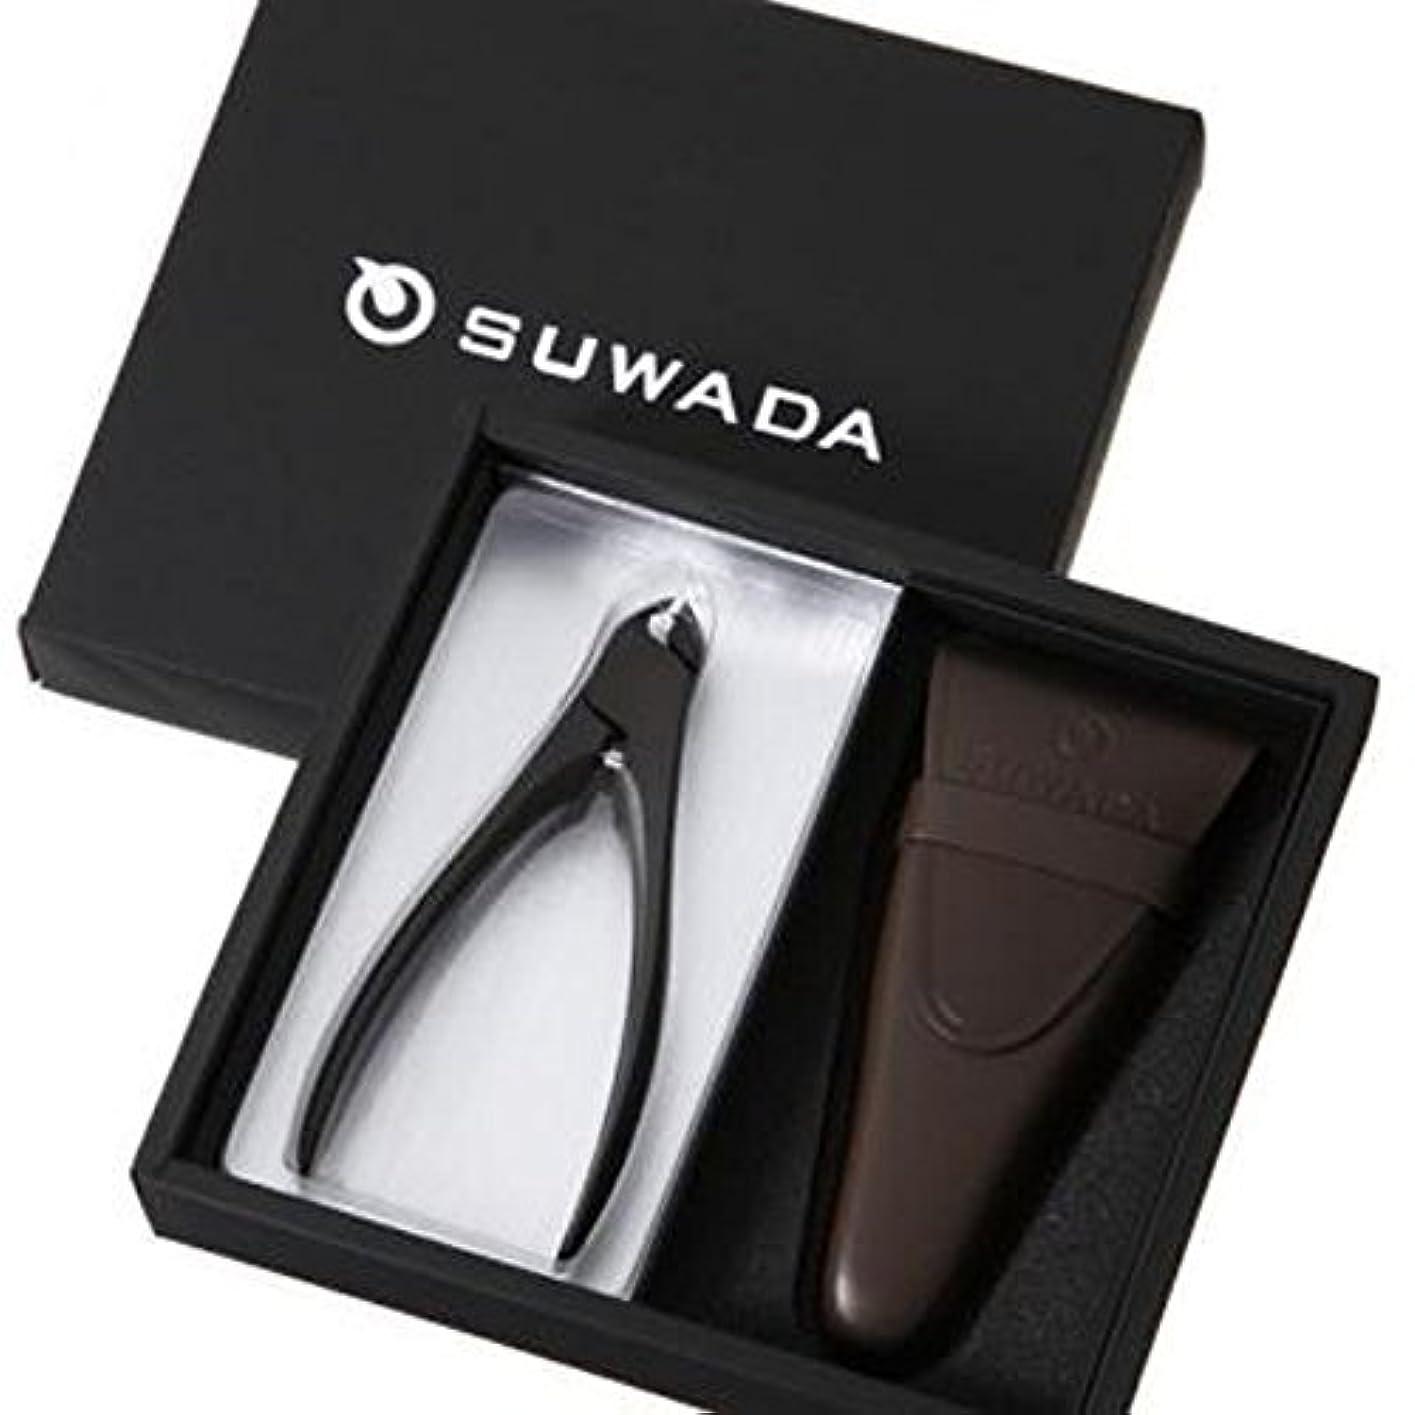 絶えず帰るいたずらSUWADA スワダ つめ切り ギフトボックス CLASSIC 黒仕上げ(L) 革ケース付き (ギフト箱入りセット)